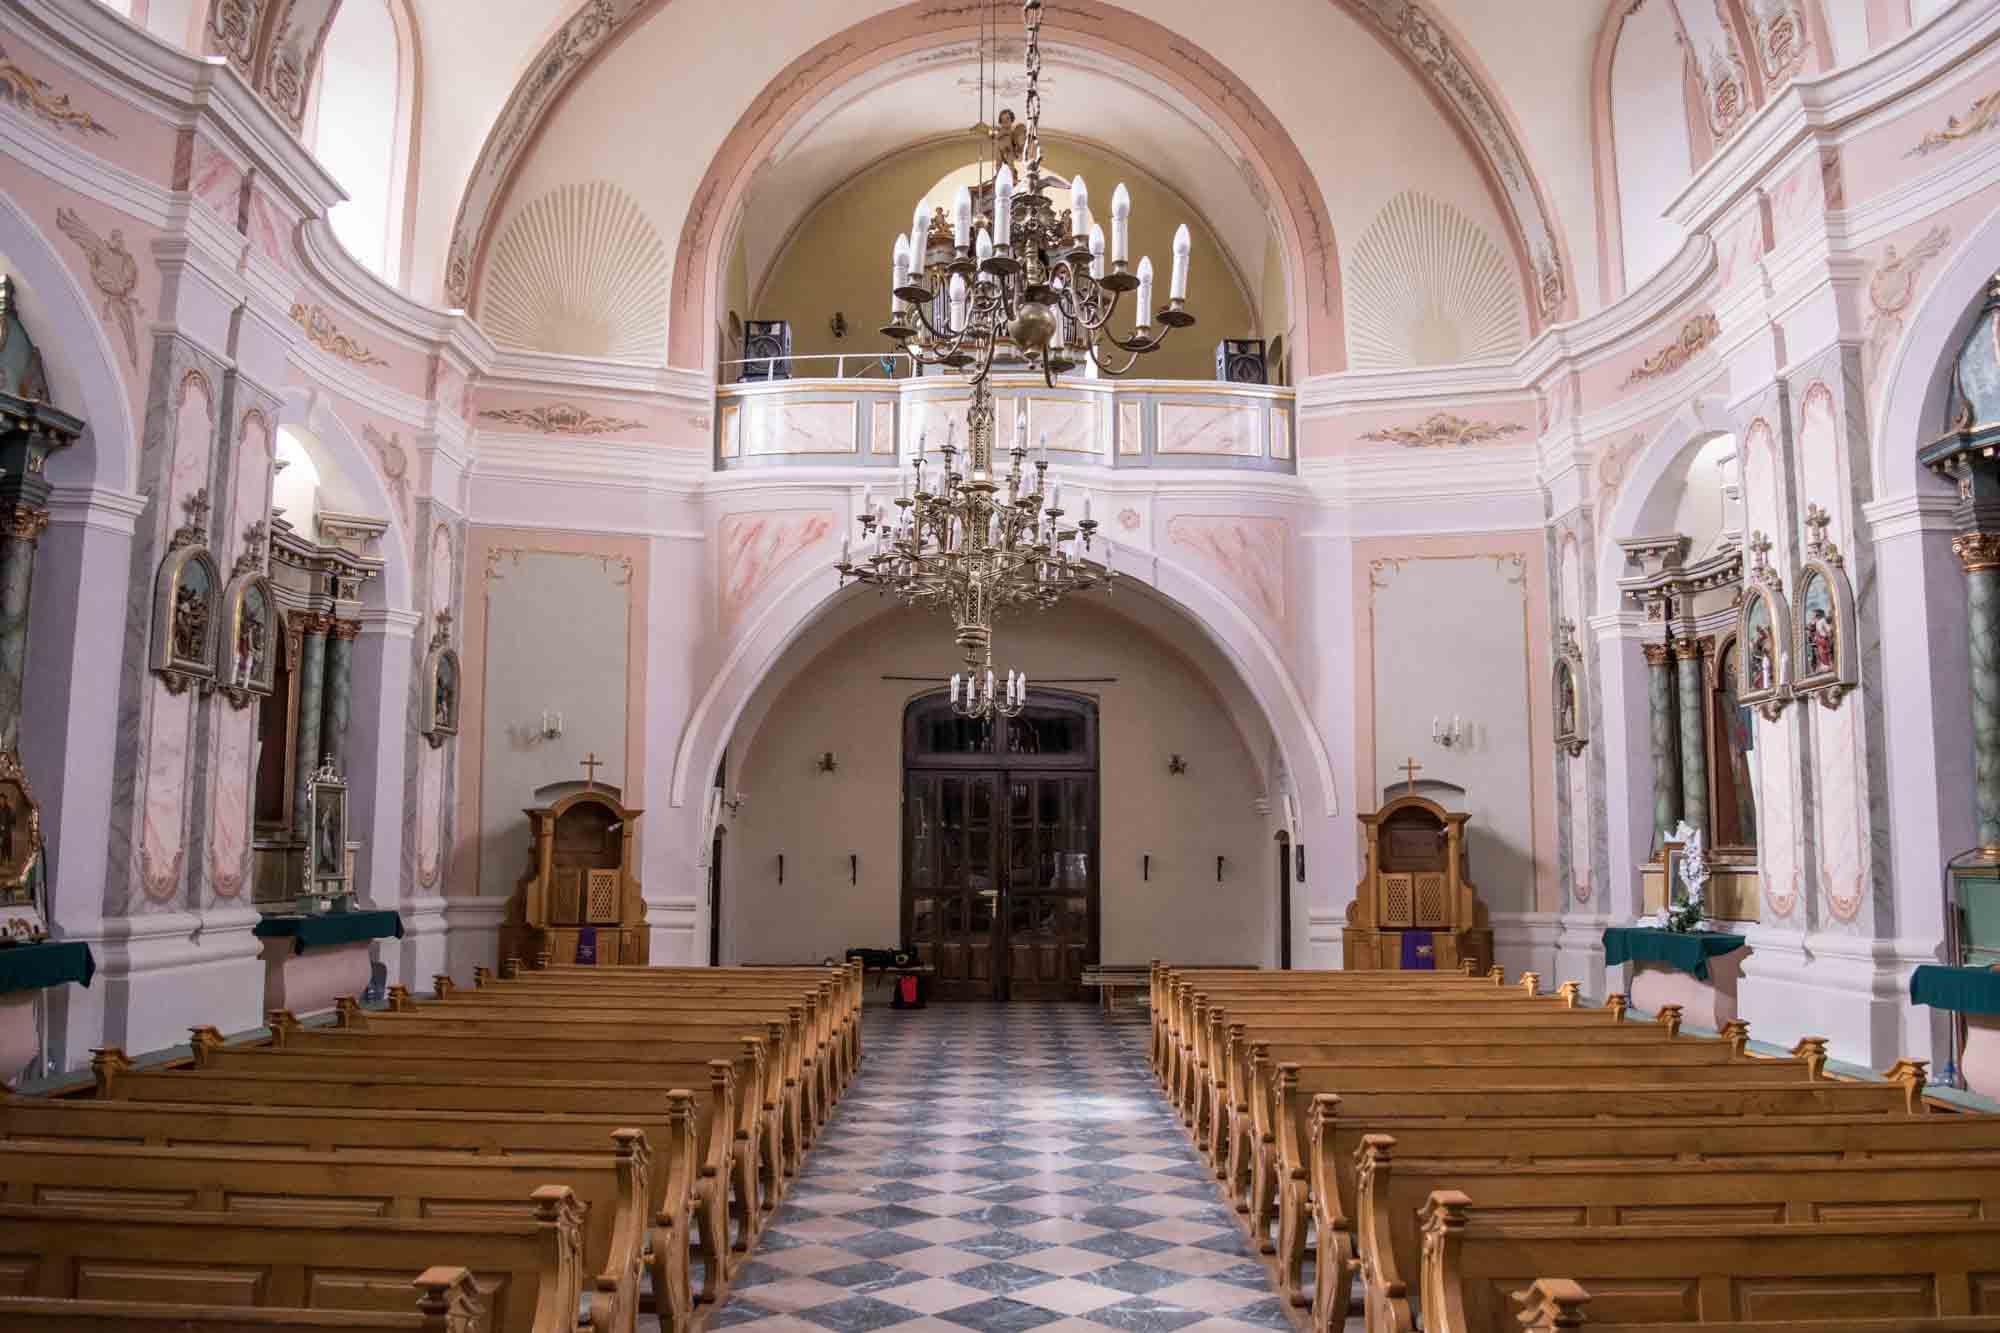 Kościół w Puchaczowie - wirtualny spacer 360-Parafia Puchaczów